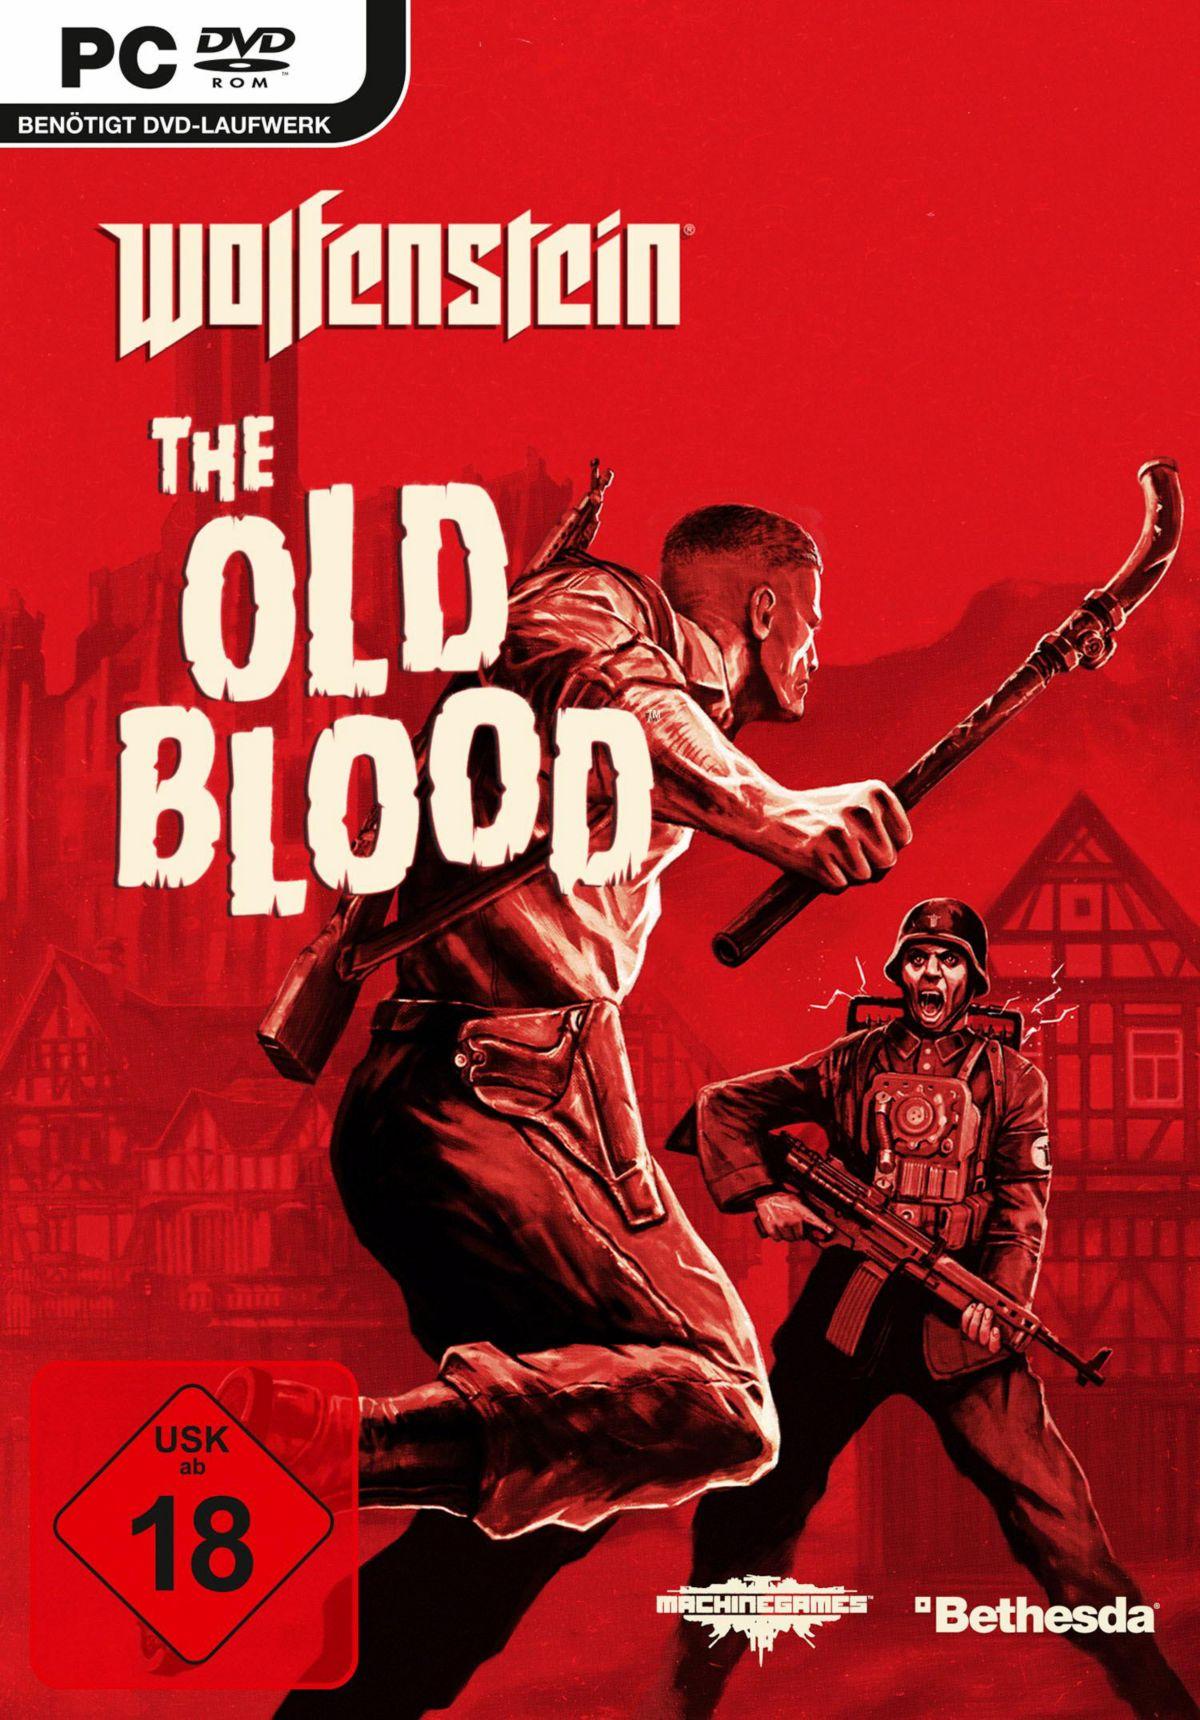 Wolfenstein: The Old Blood PC (DVD-ROM)